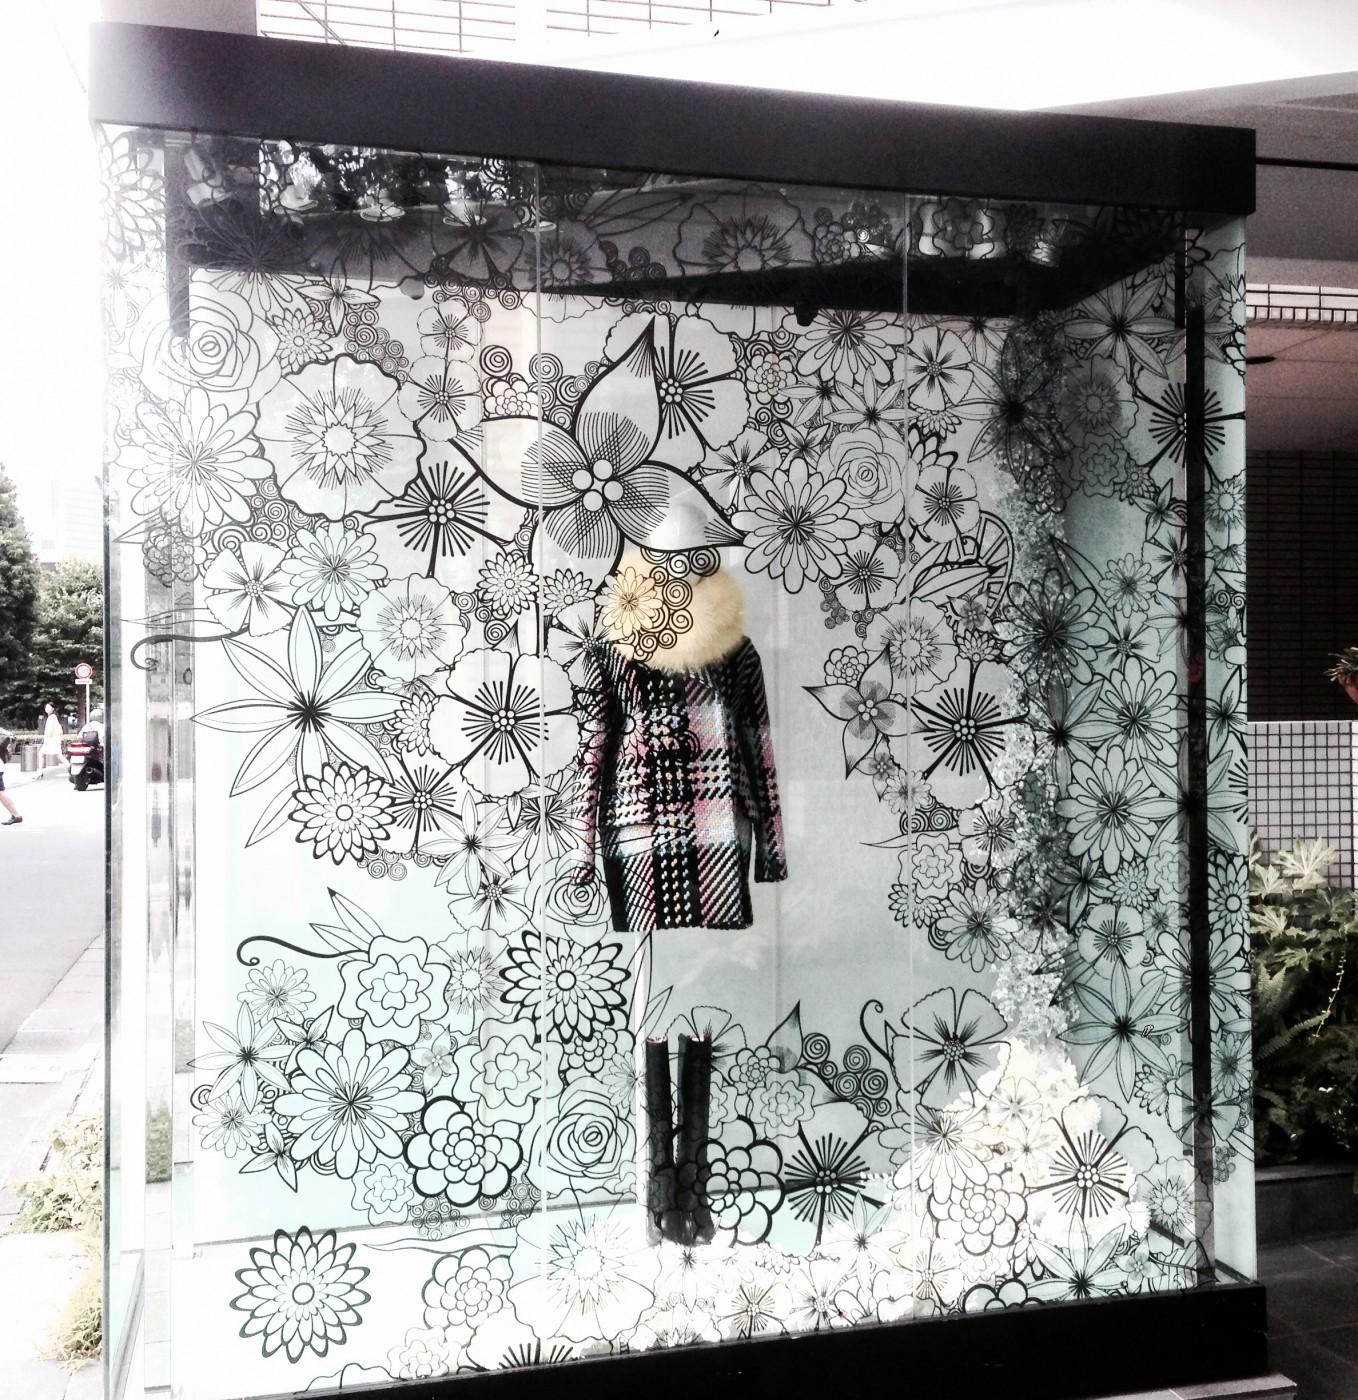 アパレル業界のウィンドウ装飾に新常識⁉︎ゲルポリを使う理由とは?